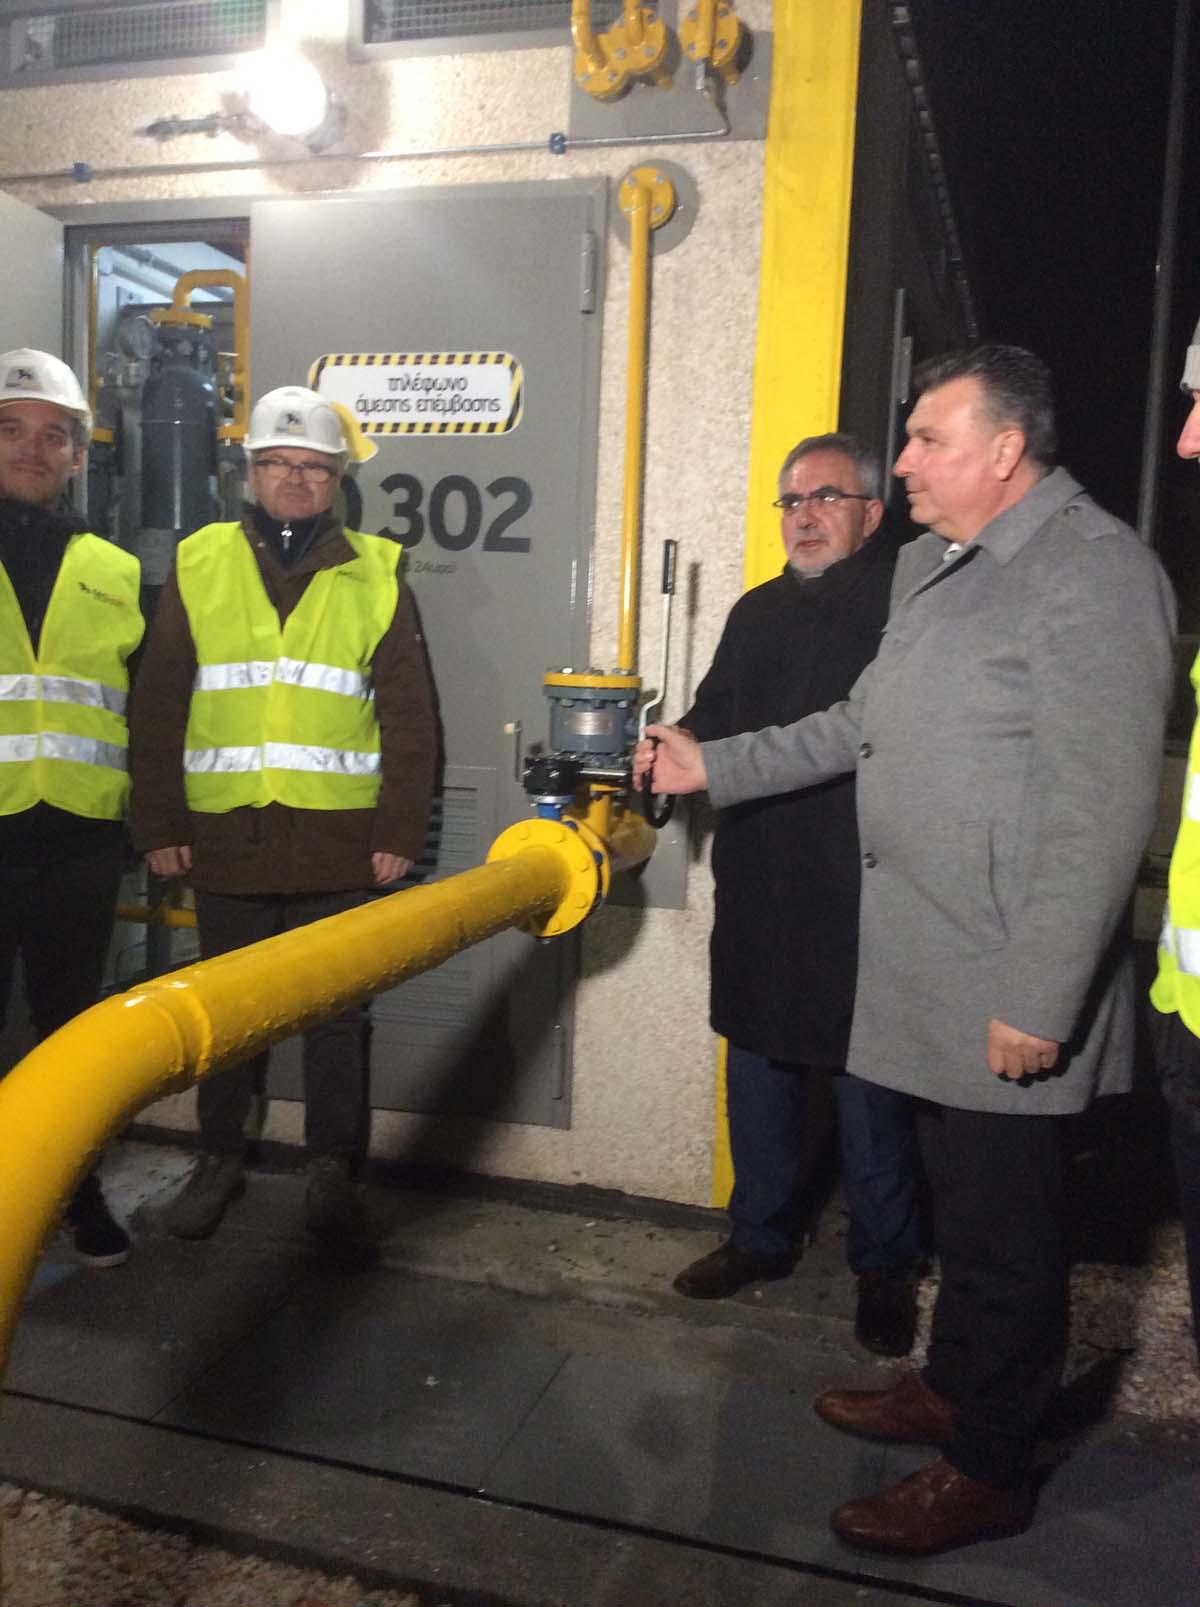 Και στα ορεινά έχουν δικαίωμα χρήσης φυσικού αερίου χάρη στην ΕΔΑ ΘΕΣΣ -Μαζί με το πρώτο χιόνι, ήρθε το φυσικό αέριο στην Ελασσόνα